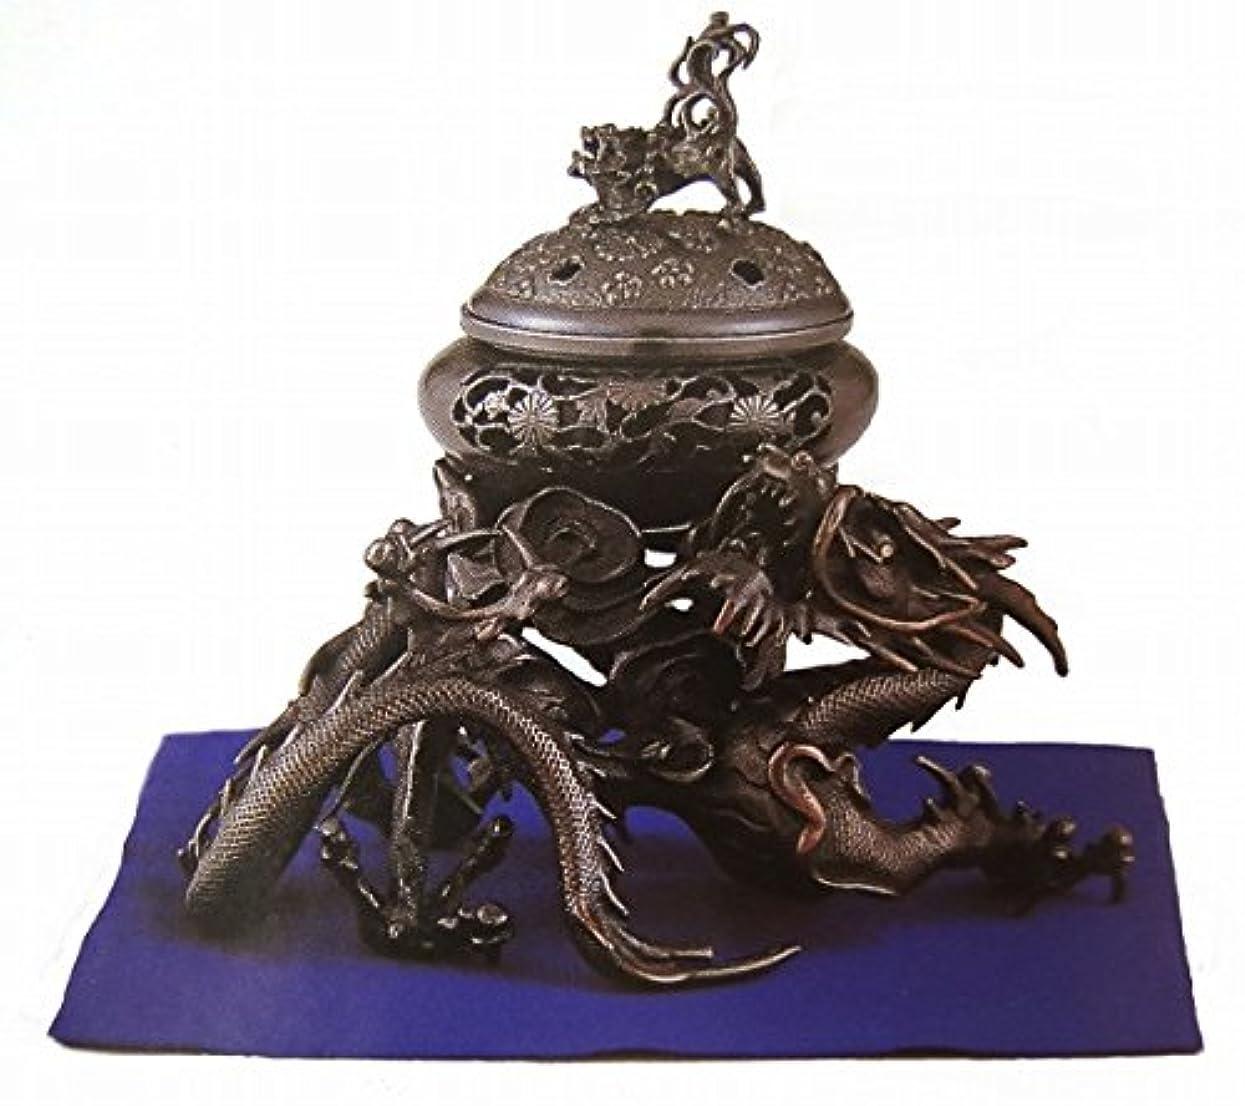 呼びかけるセッション基本的な『吉祥龍香炉』銅製